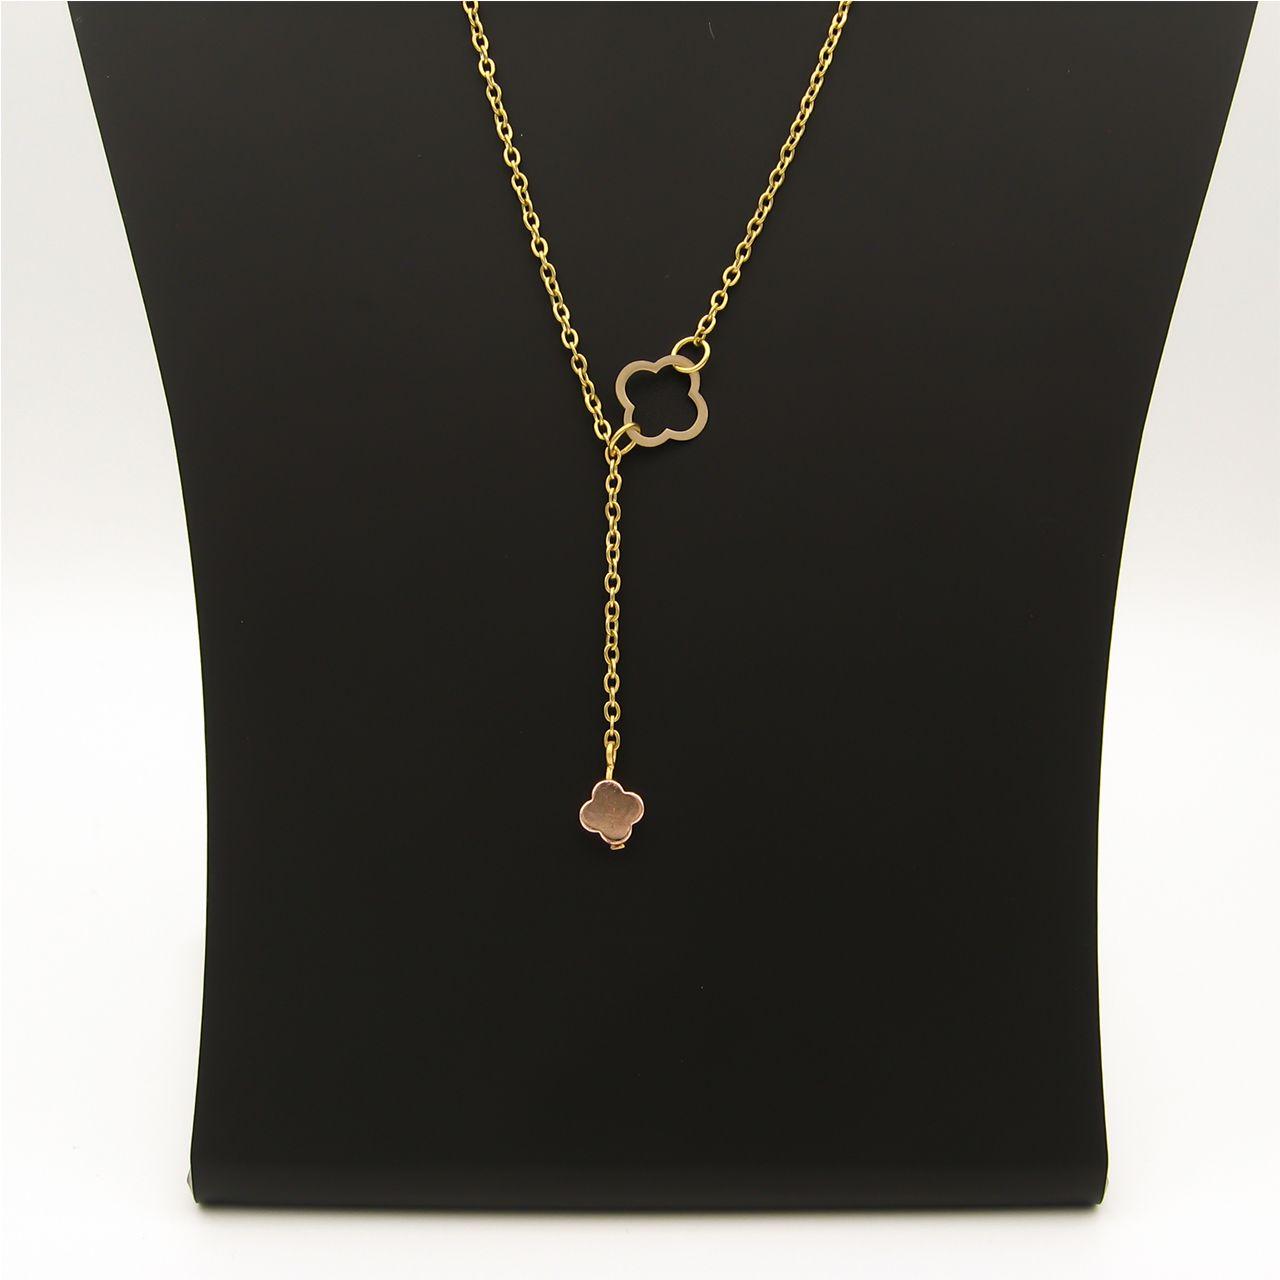 گردنبند طلا 18 عیار زنانه مانچو کد sfg652 -  - 3